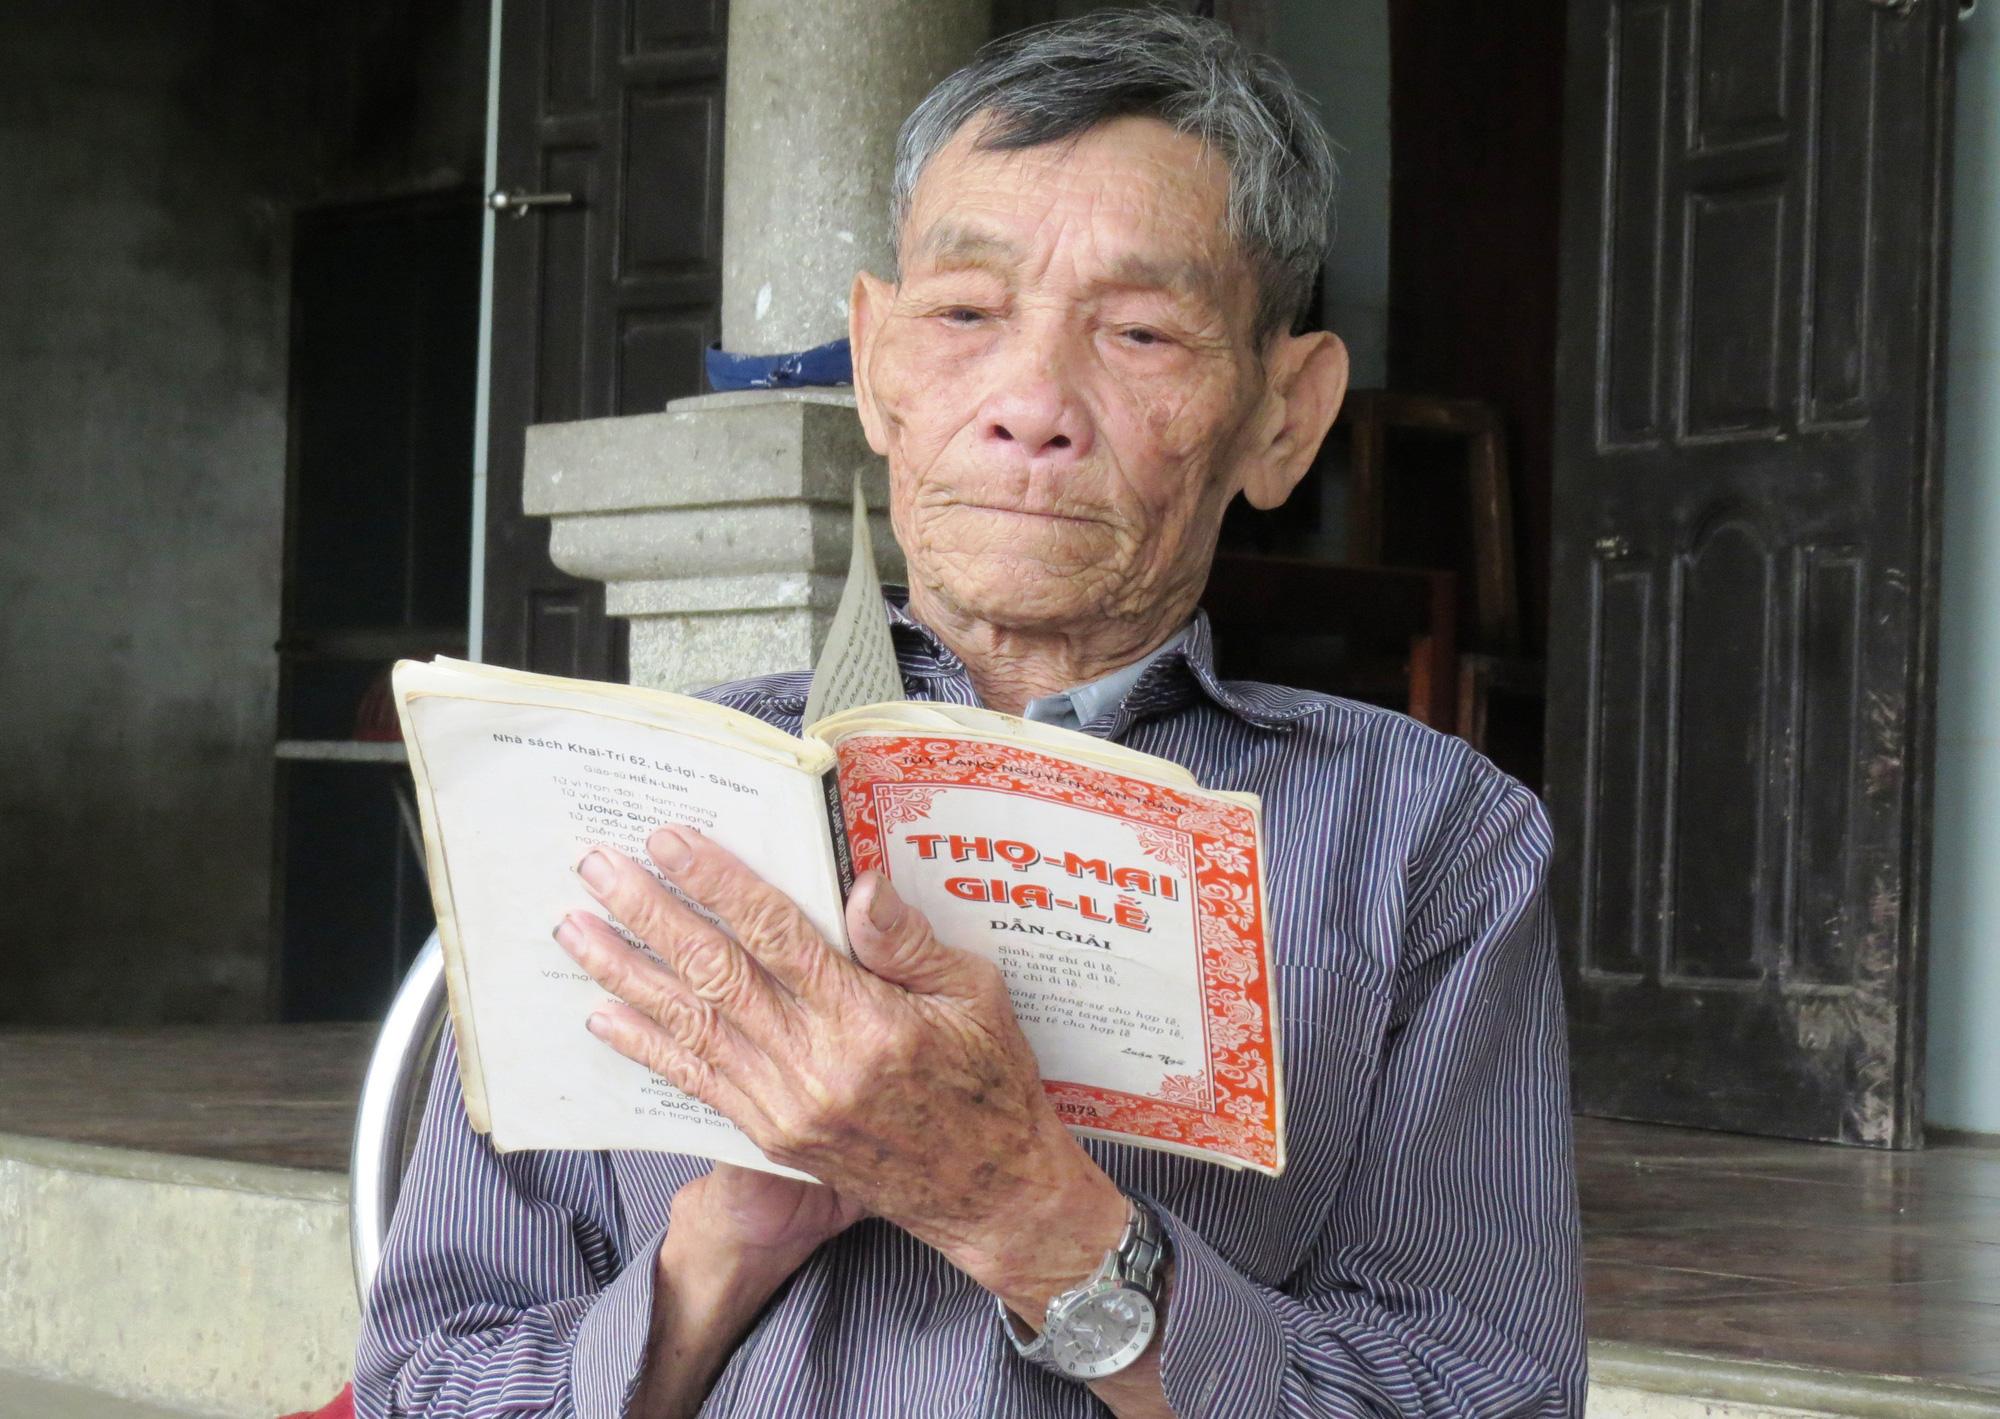 Ở Nghệ An có ngôi làng đặc biệt tên là làng trường thọ, nói lí do trường thọ nhiều người ngỡ ngàng - Ảnh 2.